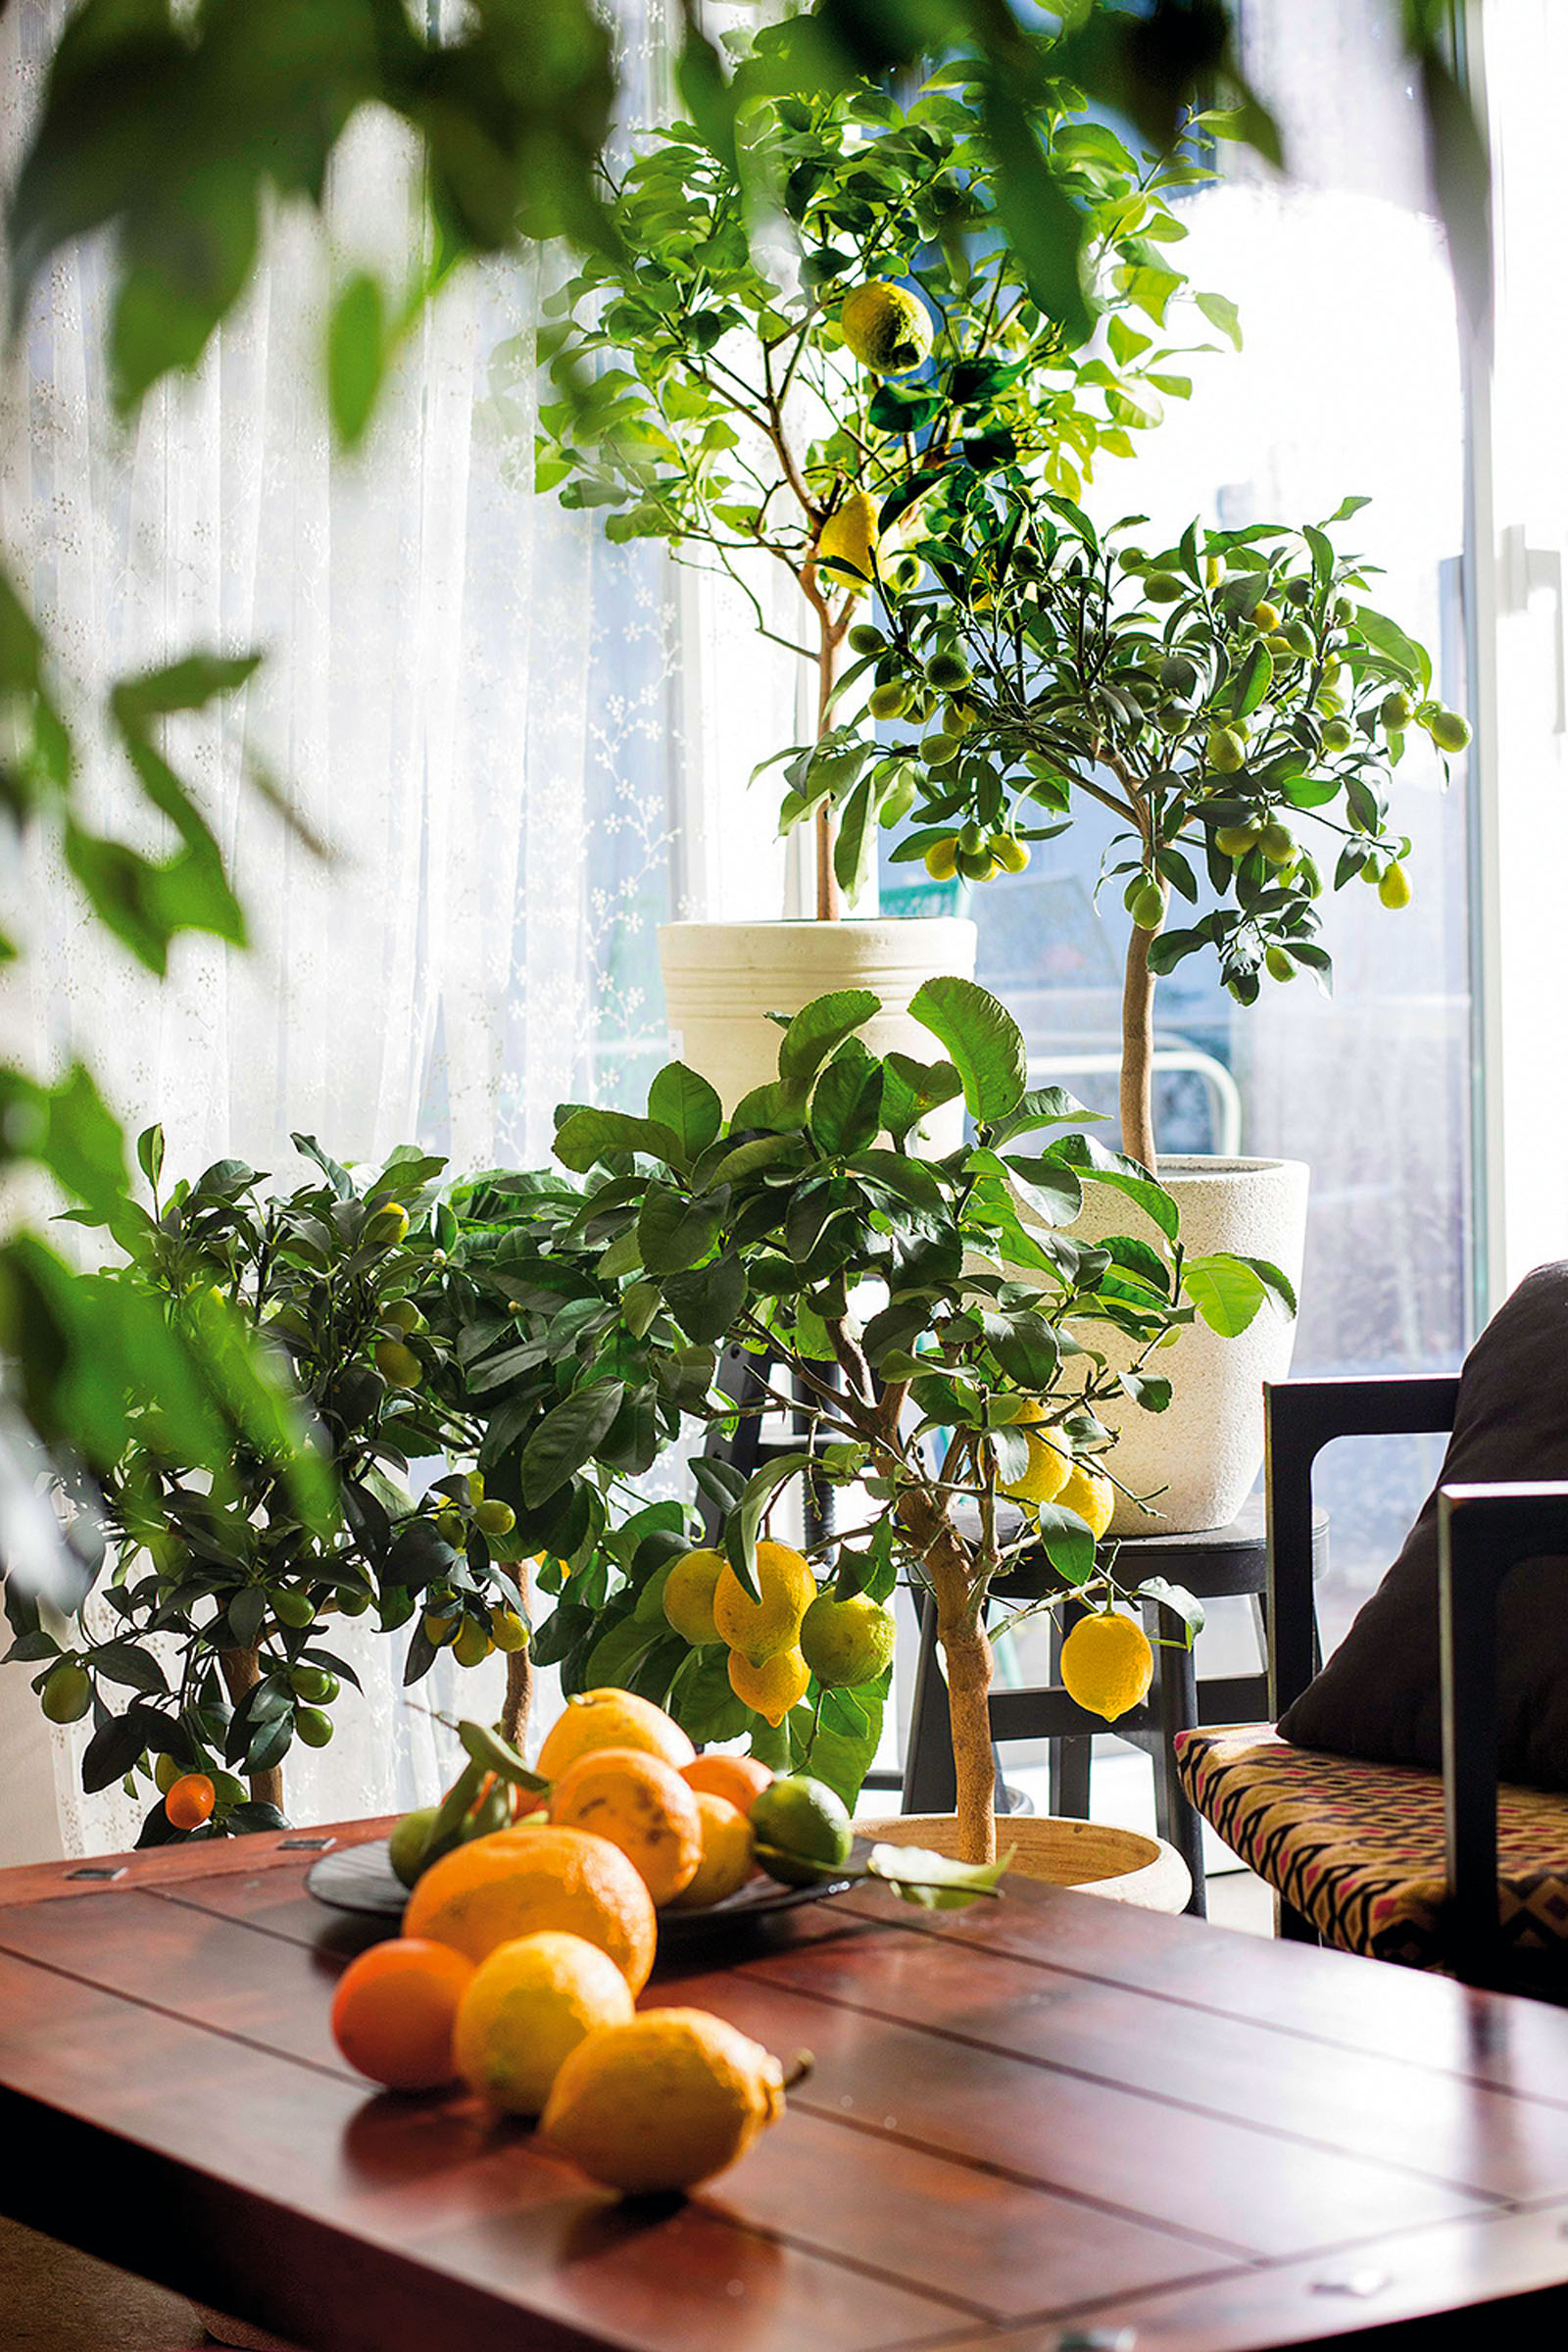 Zagreb, 180118. Andreja Coh, urbana vrtlarica napravila je temu o citrusima; agrumima. Od toga gdje ih smjetiti preko zime, kako ih njegovati, cistiti listove. Sve je snimljeno u Casablanca boutique Bed&Breakfast u Vlaskoj 92. Foto: Berislava Picek / CROPIX